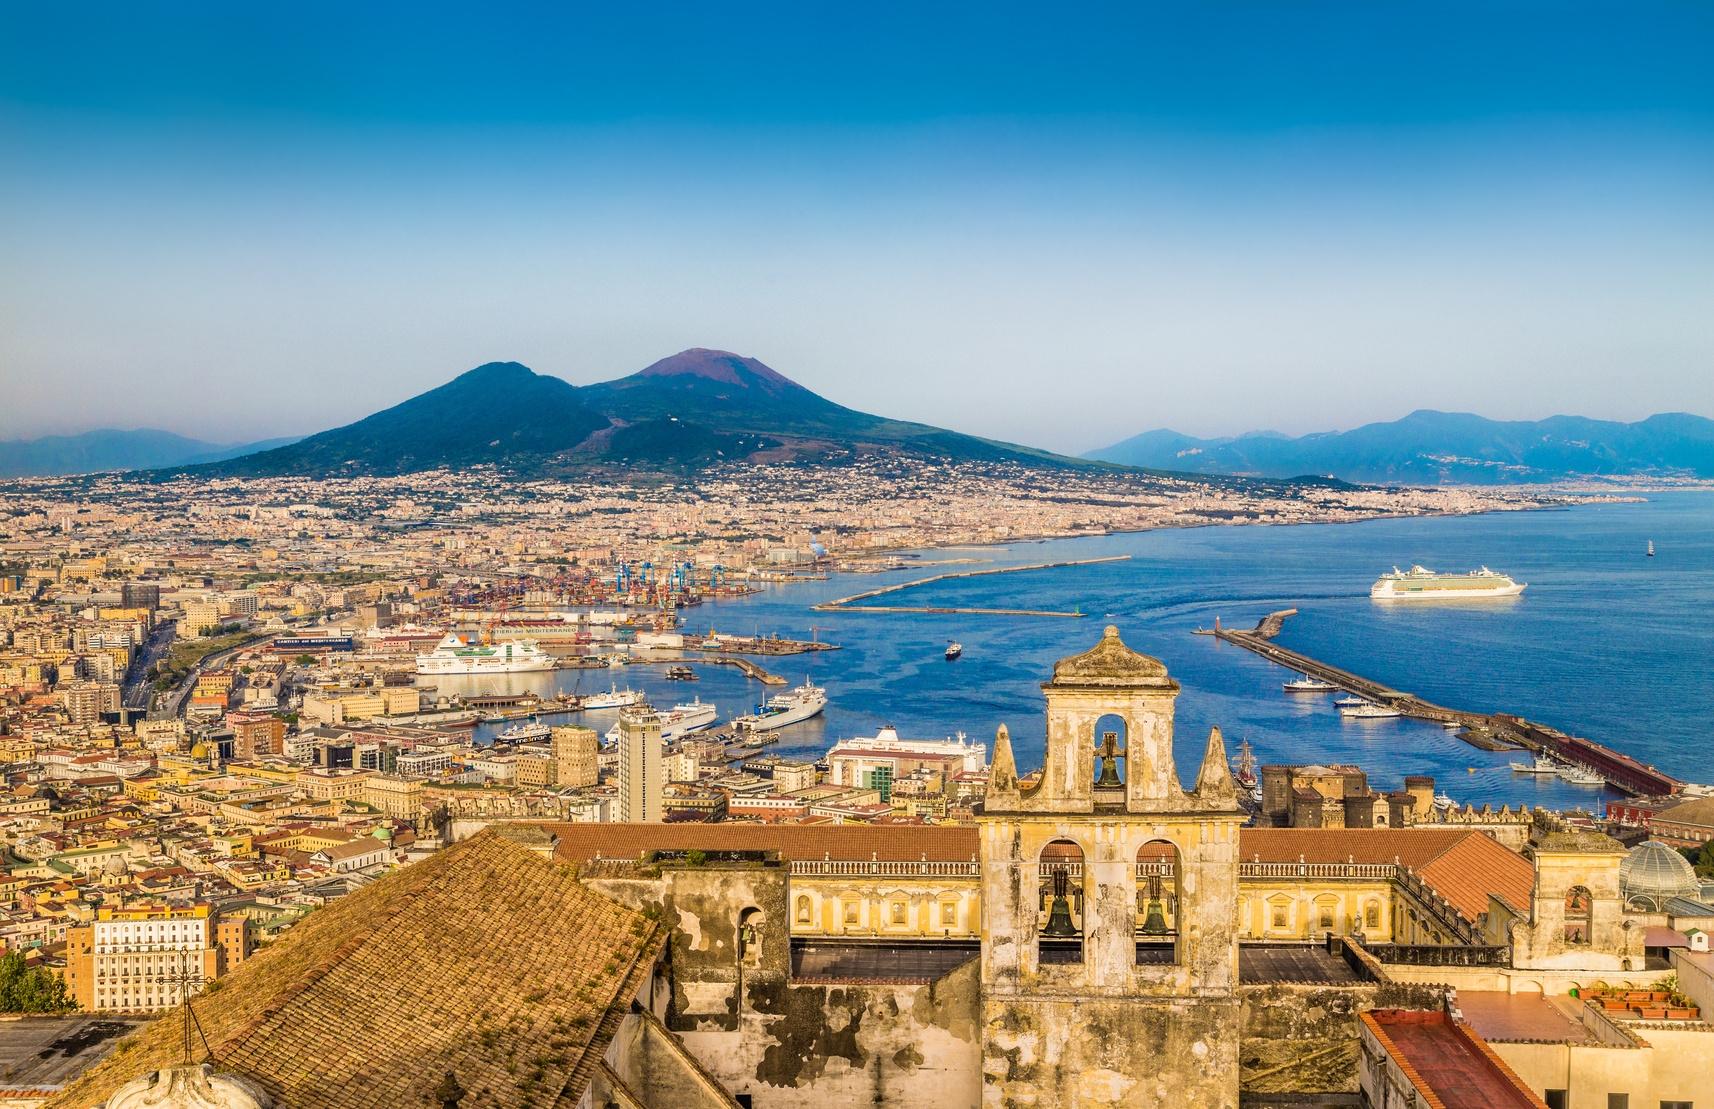 4星意大利8日地中海美食人文之旅私家团·2人起订.铁定成团.2-6人小车团